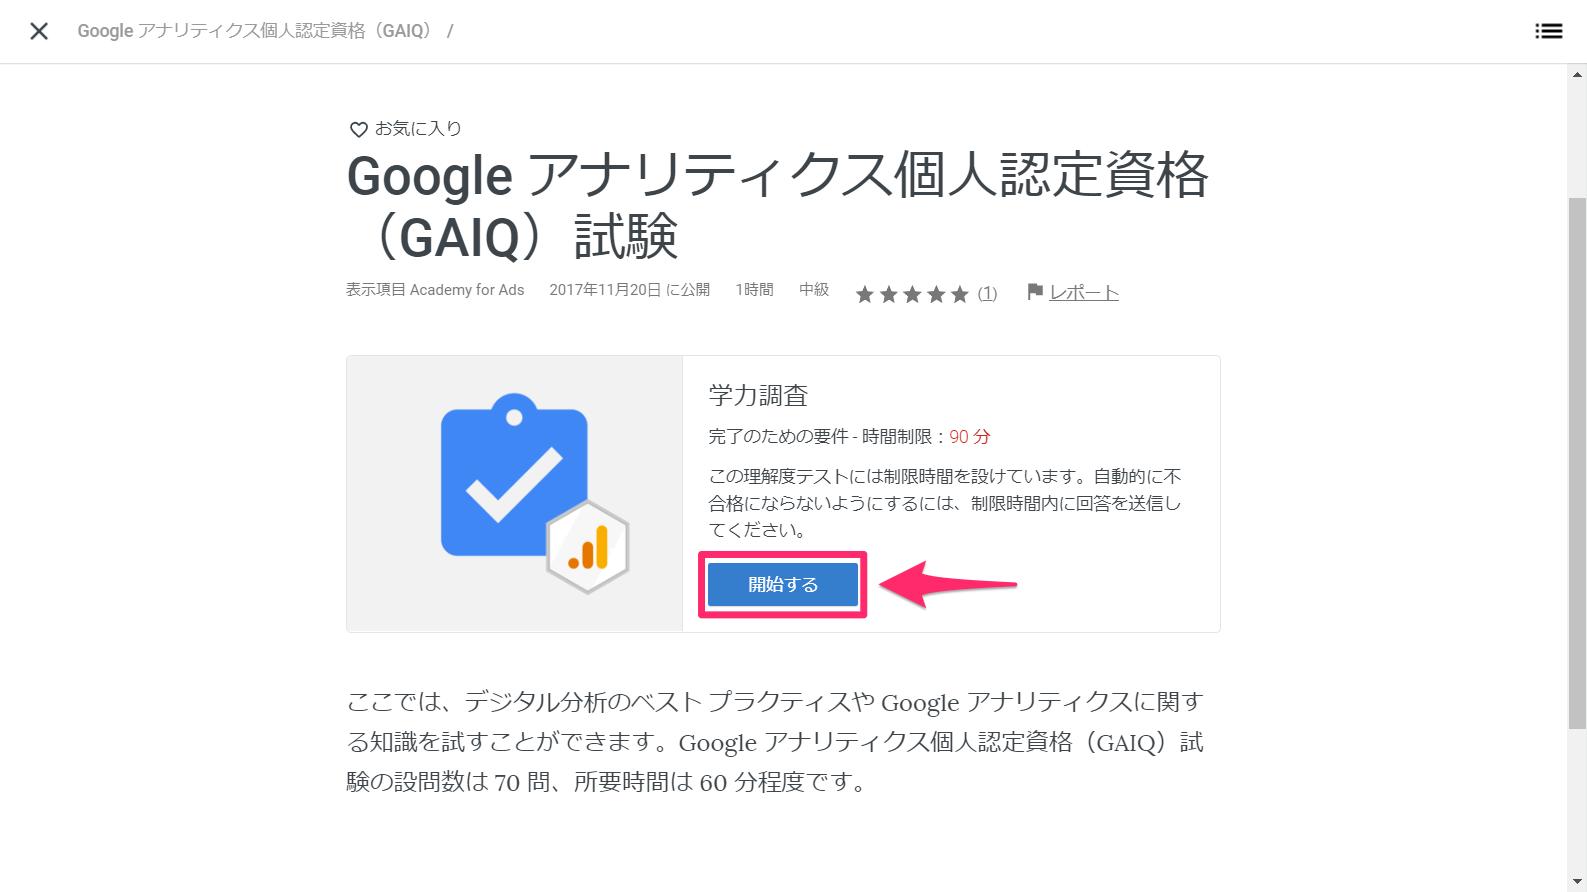 GAIQ(Googleアナリティクス個人認定資格)の試験概要と受験方法